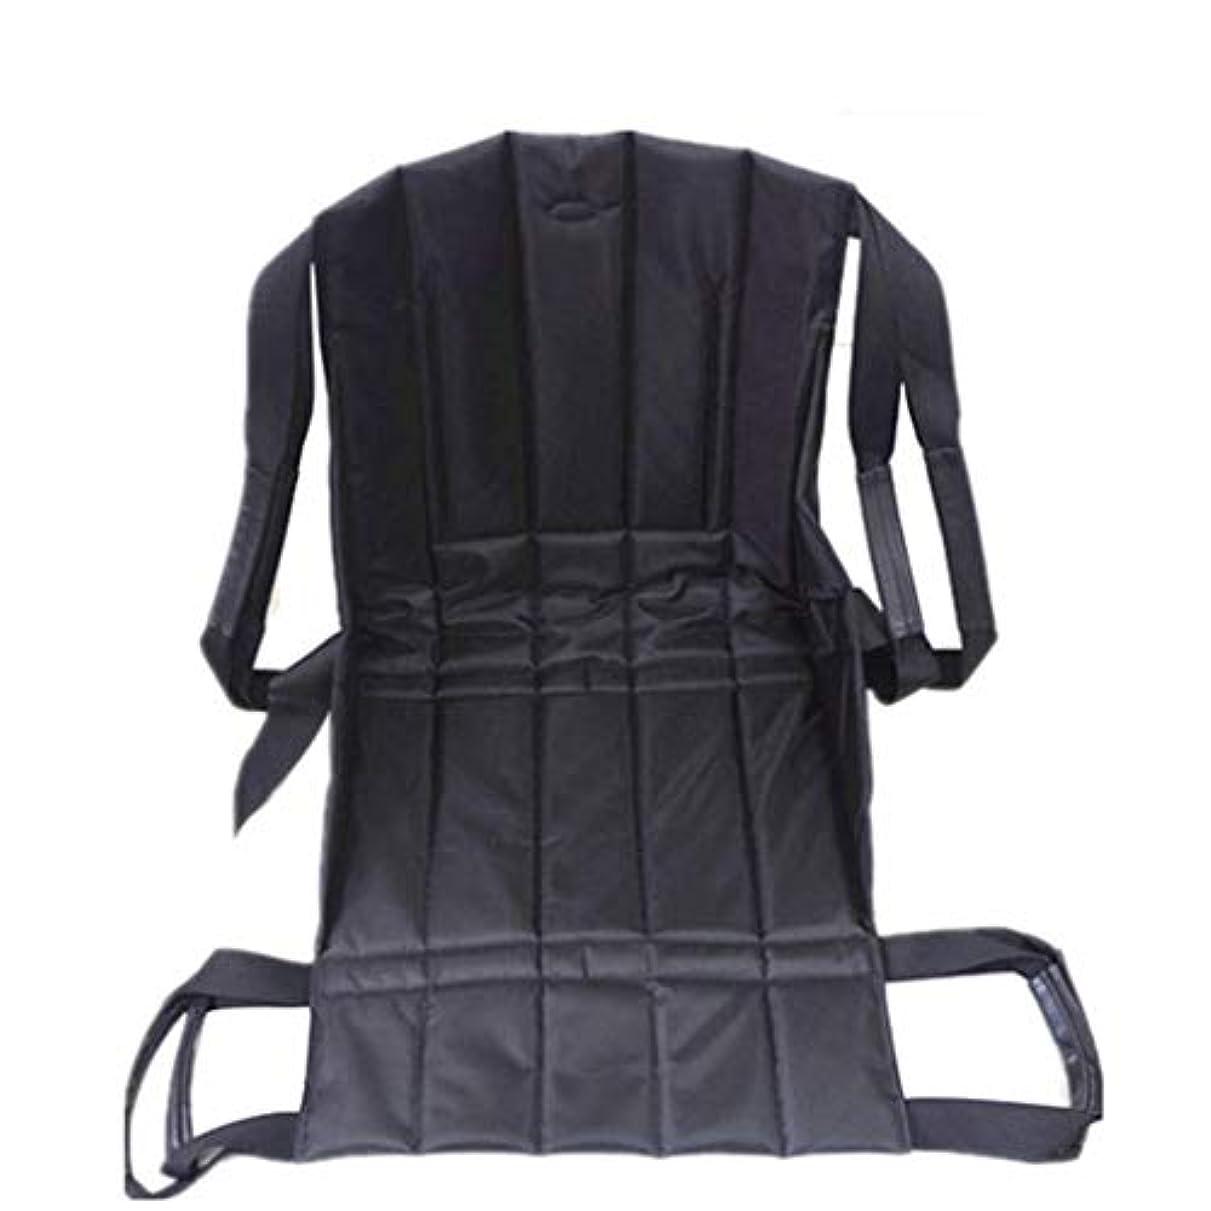 反論早いシビック患者リフト階段スライドボード移動緊急避難用椅子車椅子シートベルト安全全身医療用リフティングスリングスライディング移動ディスク使用高齢者用